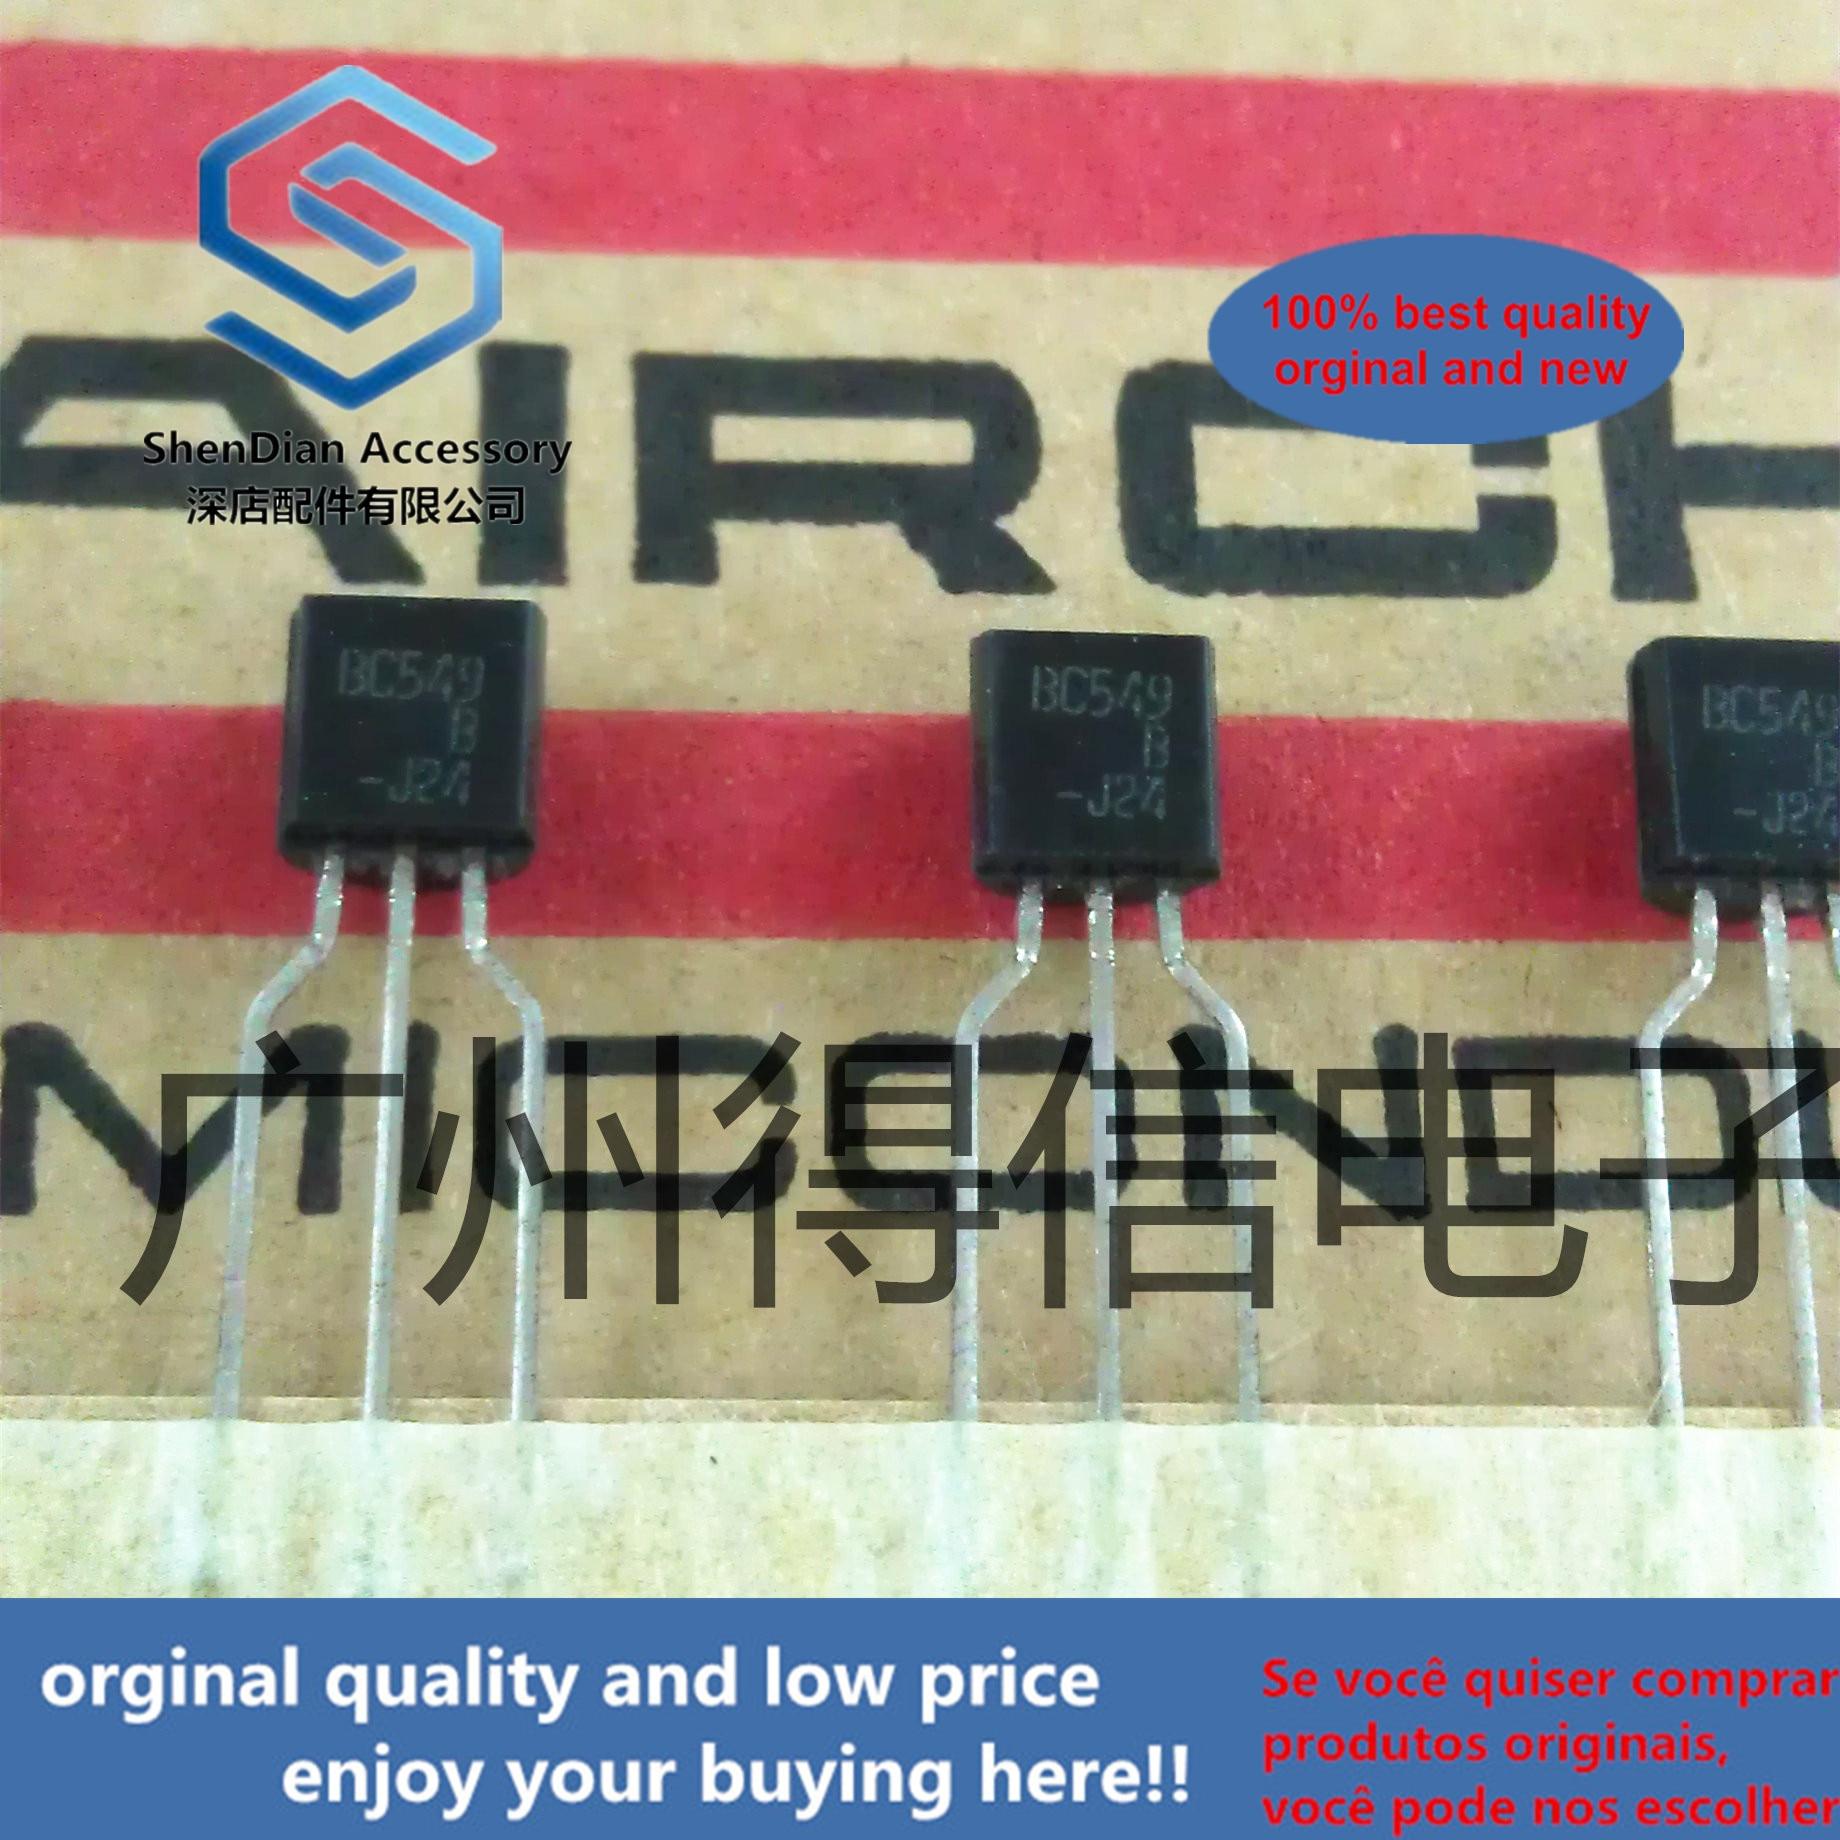 30pcs 100% Orginal New BC549B BC549 NPN Silicon Transistors TO-92 Real Photo